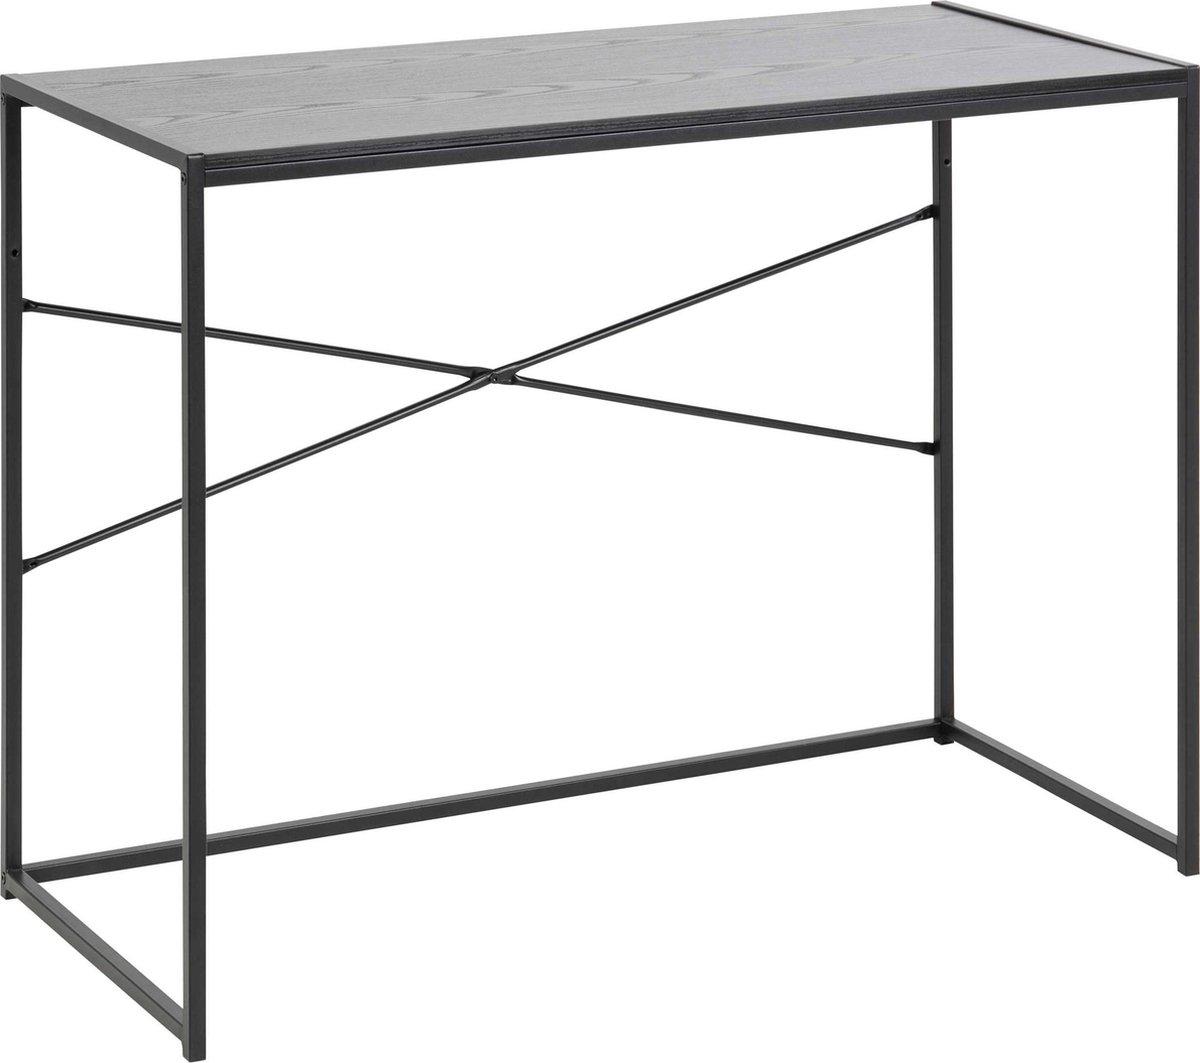 Bureau Honkytonk - zwart essenhout - 100x45x75cm